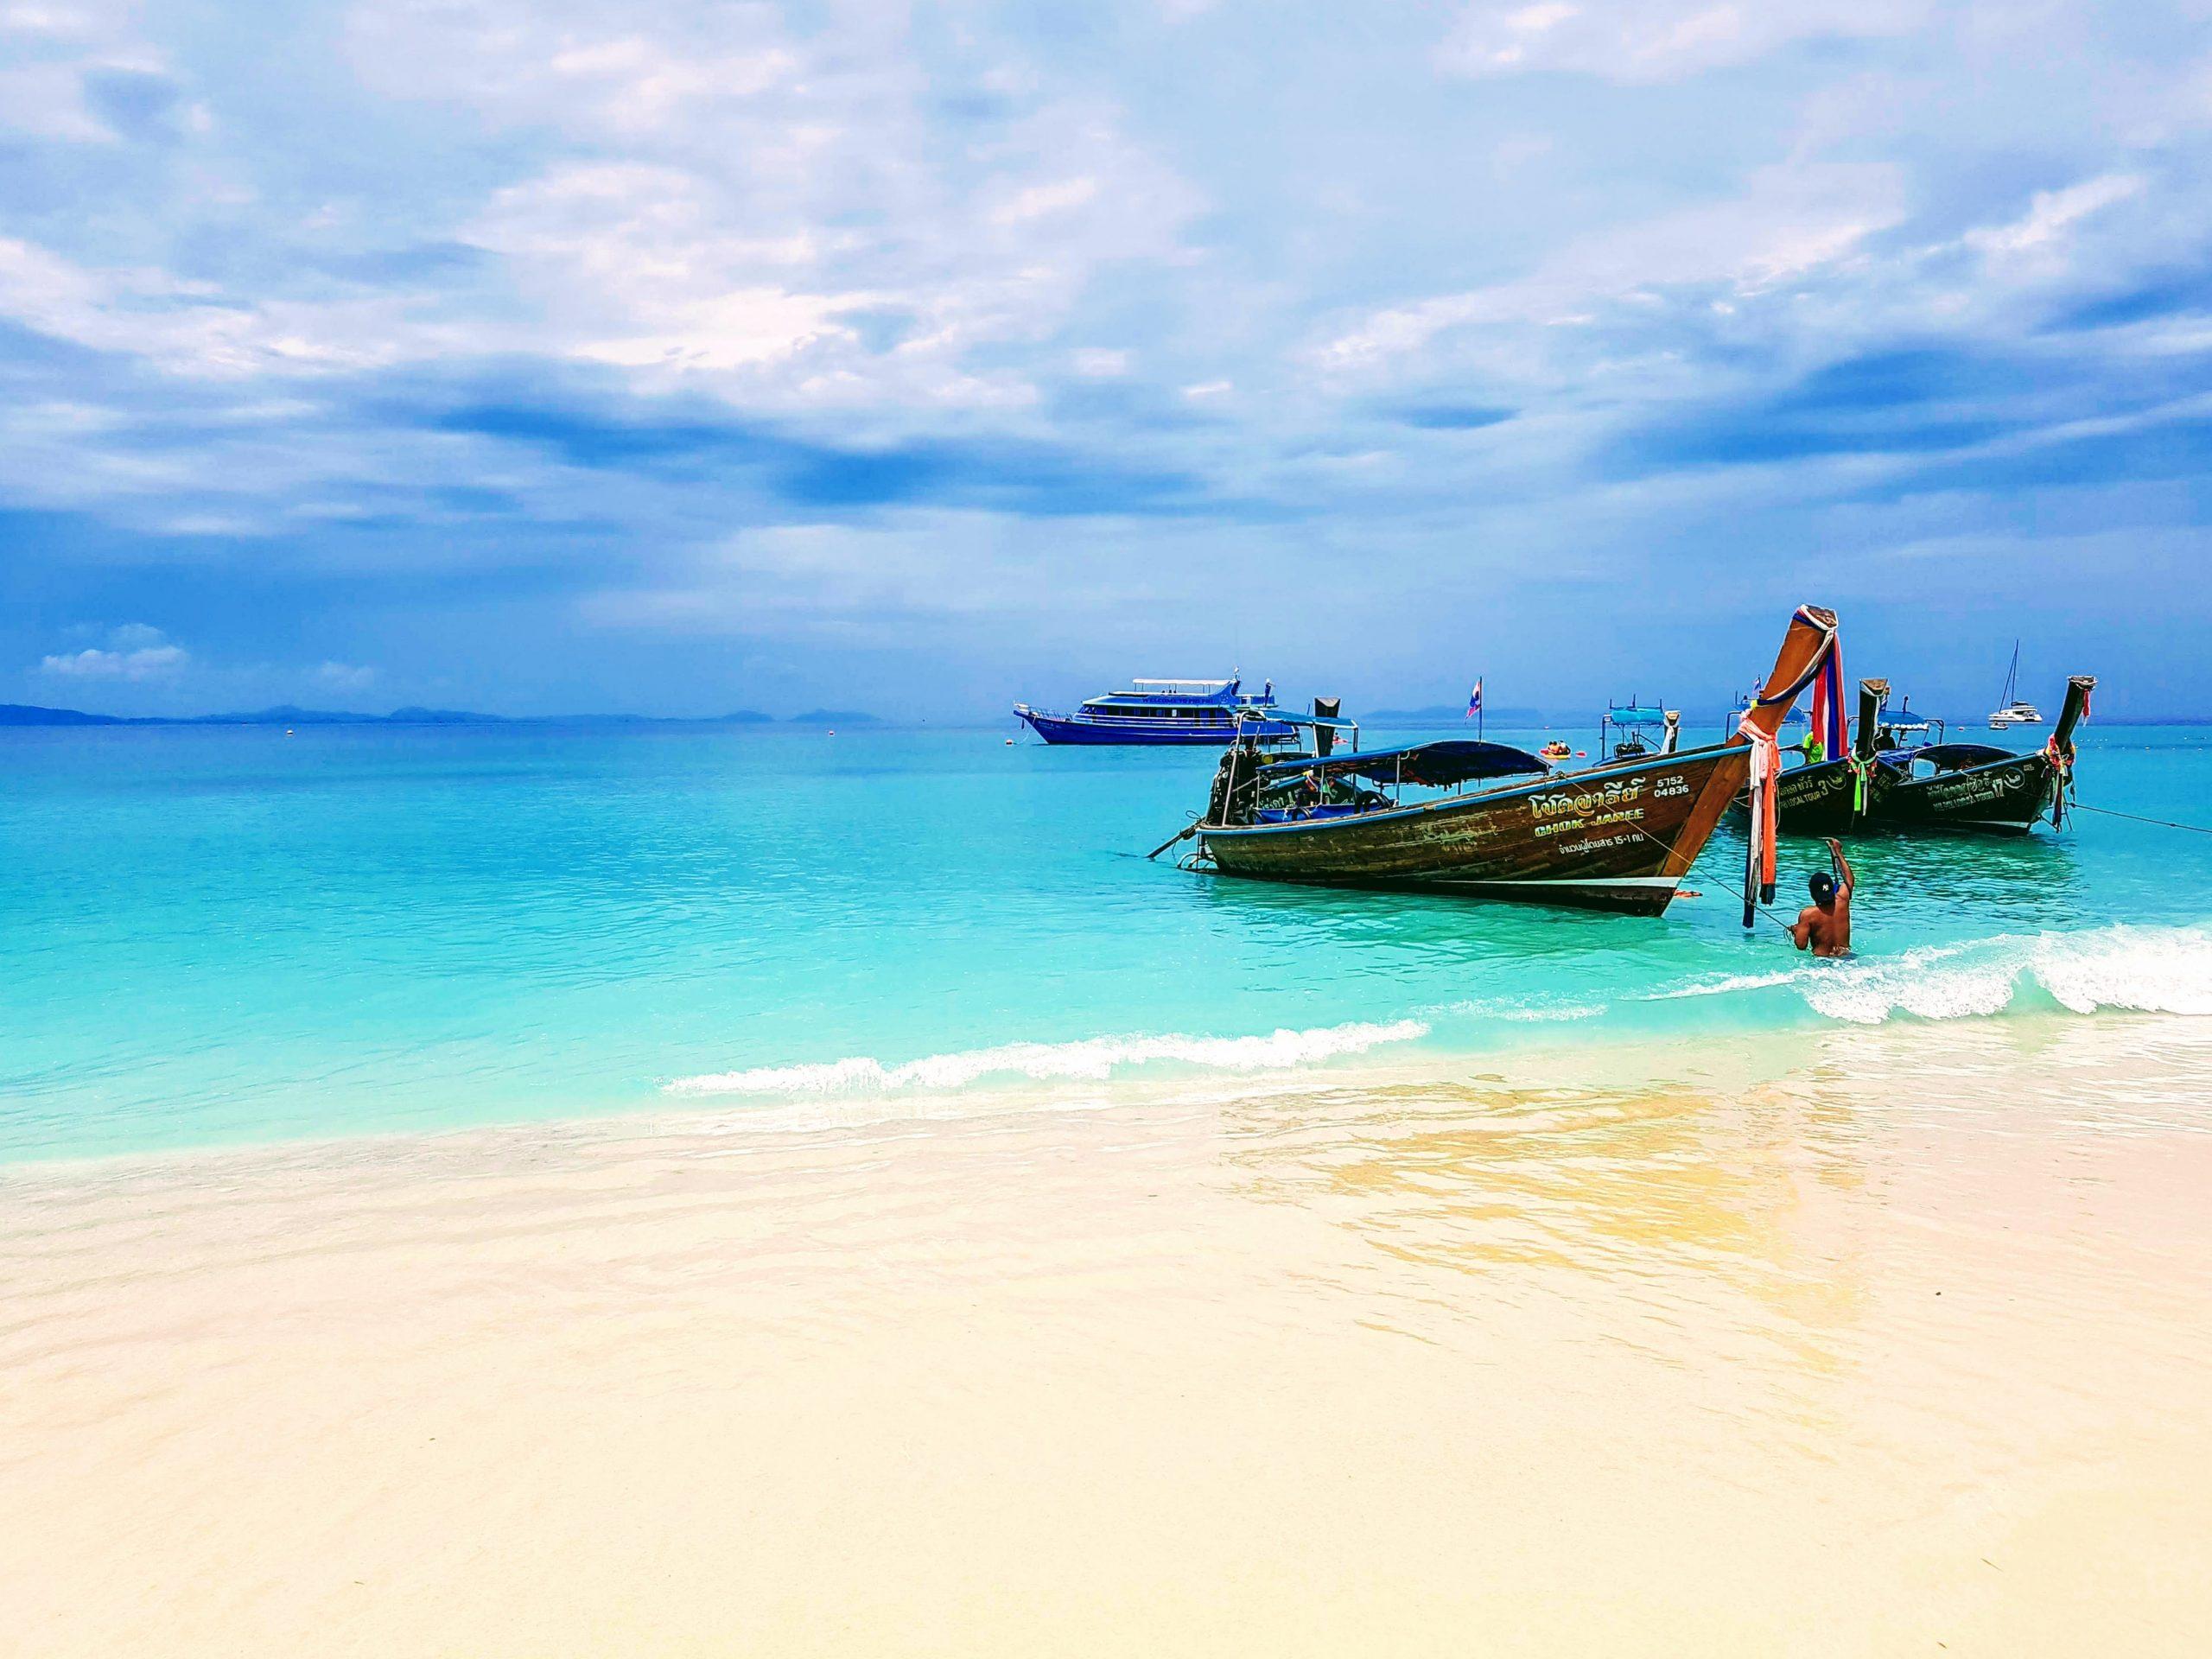 Bateau sur la plage de Phuket en Thaïlande